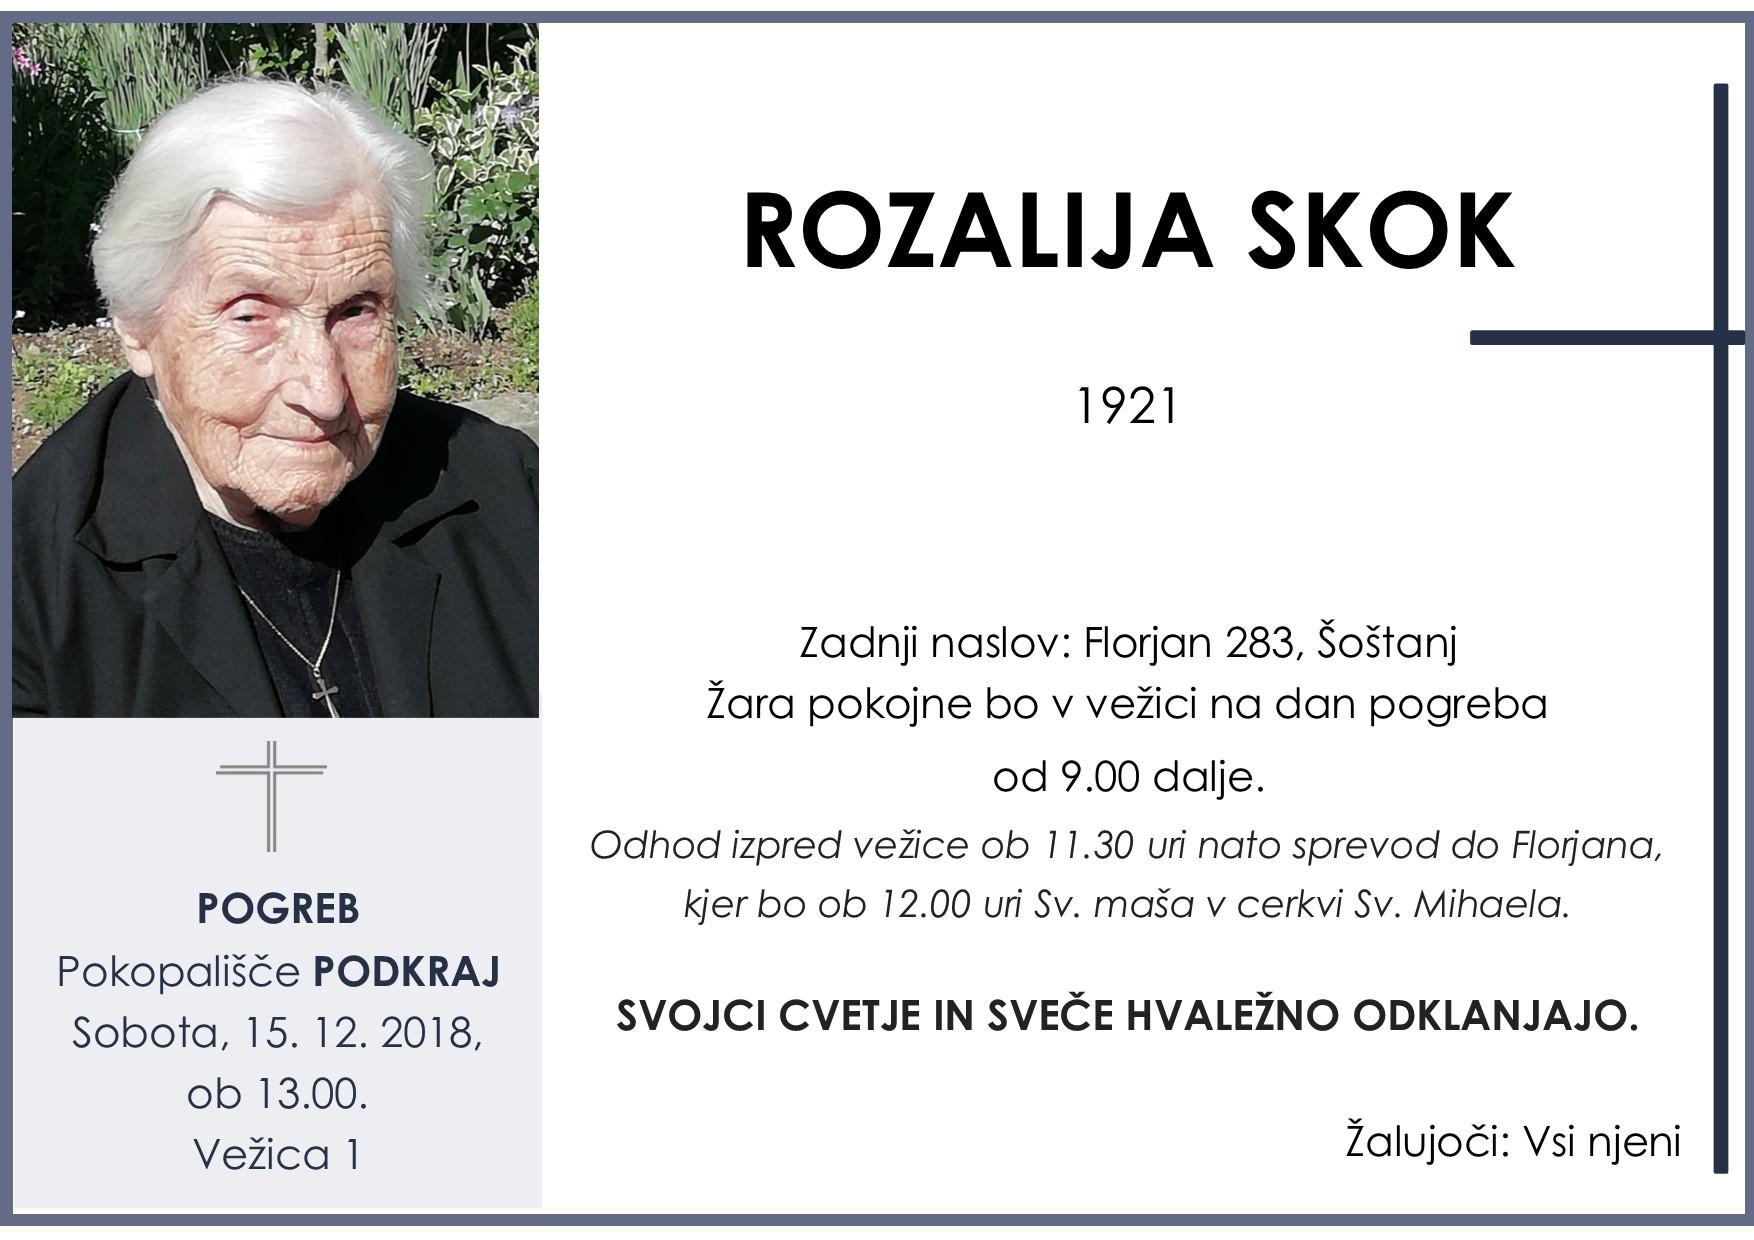 ROZALIJA SKOK, Podkraj, 15. 12. 2018